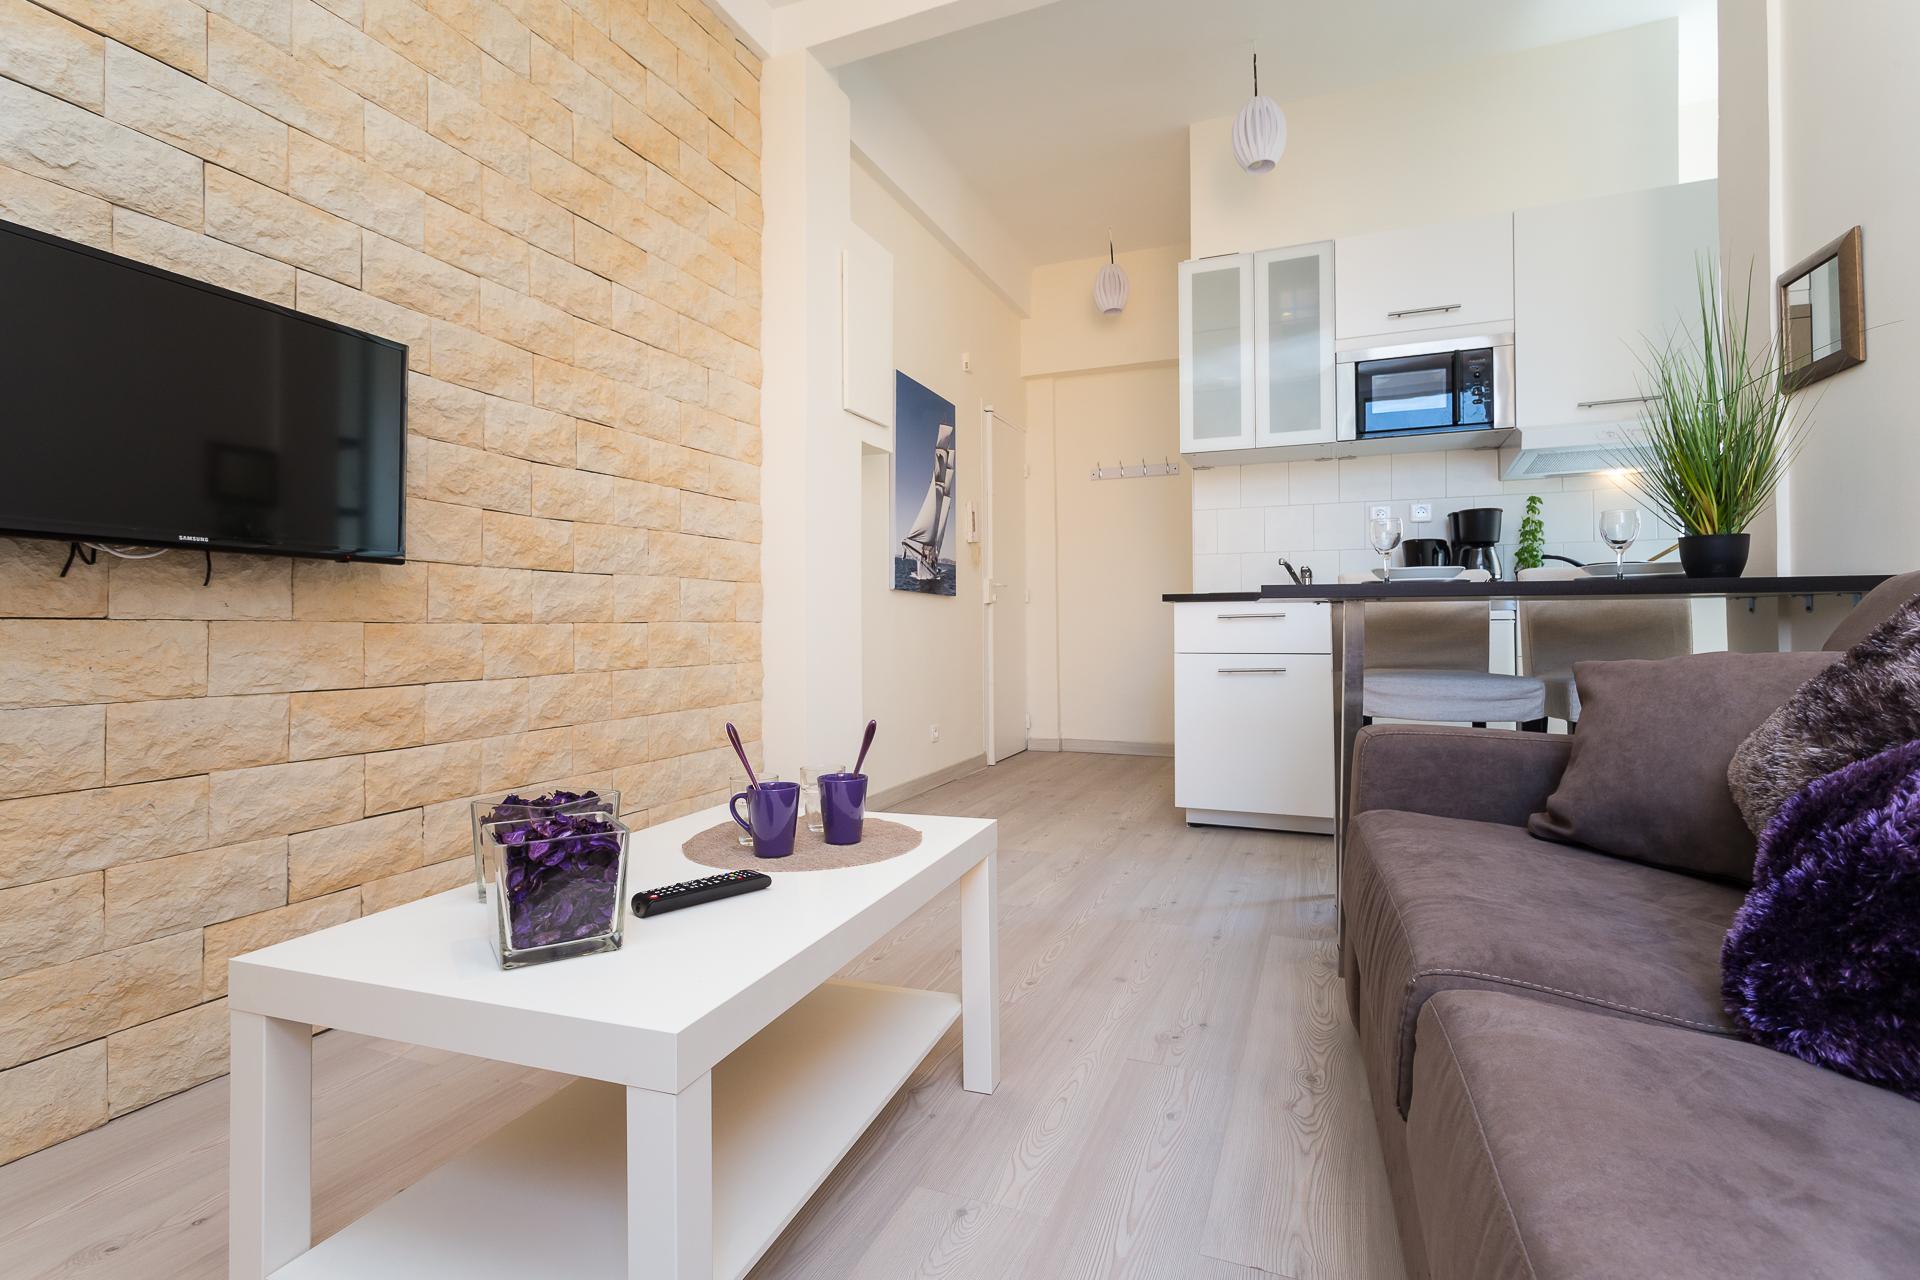 Louer maison rennes ventana blog - Location appartement meuble rennes ...